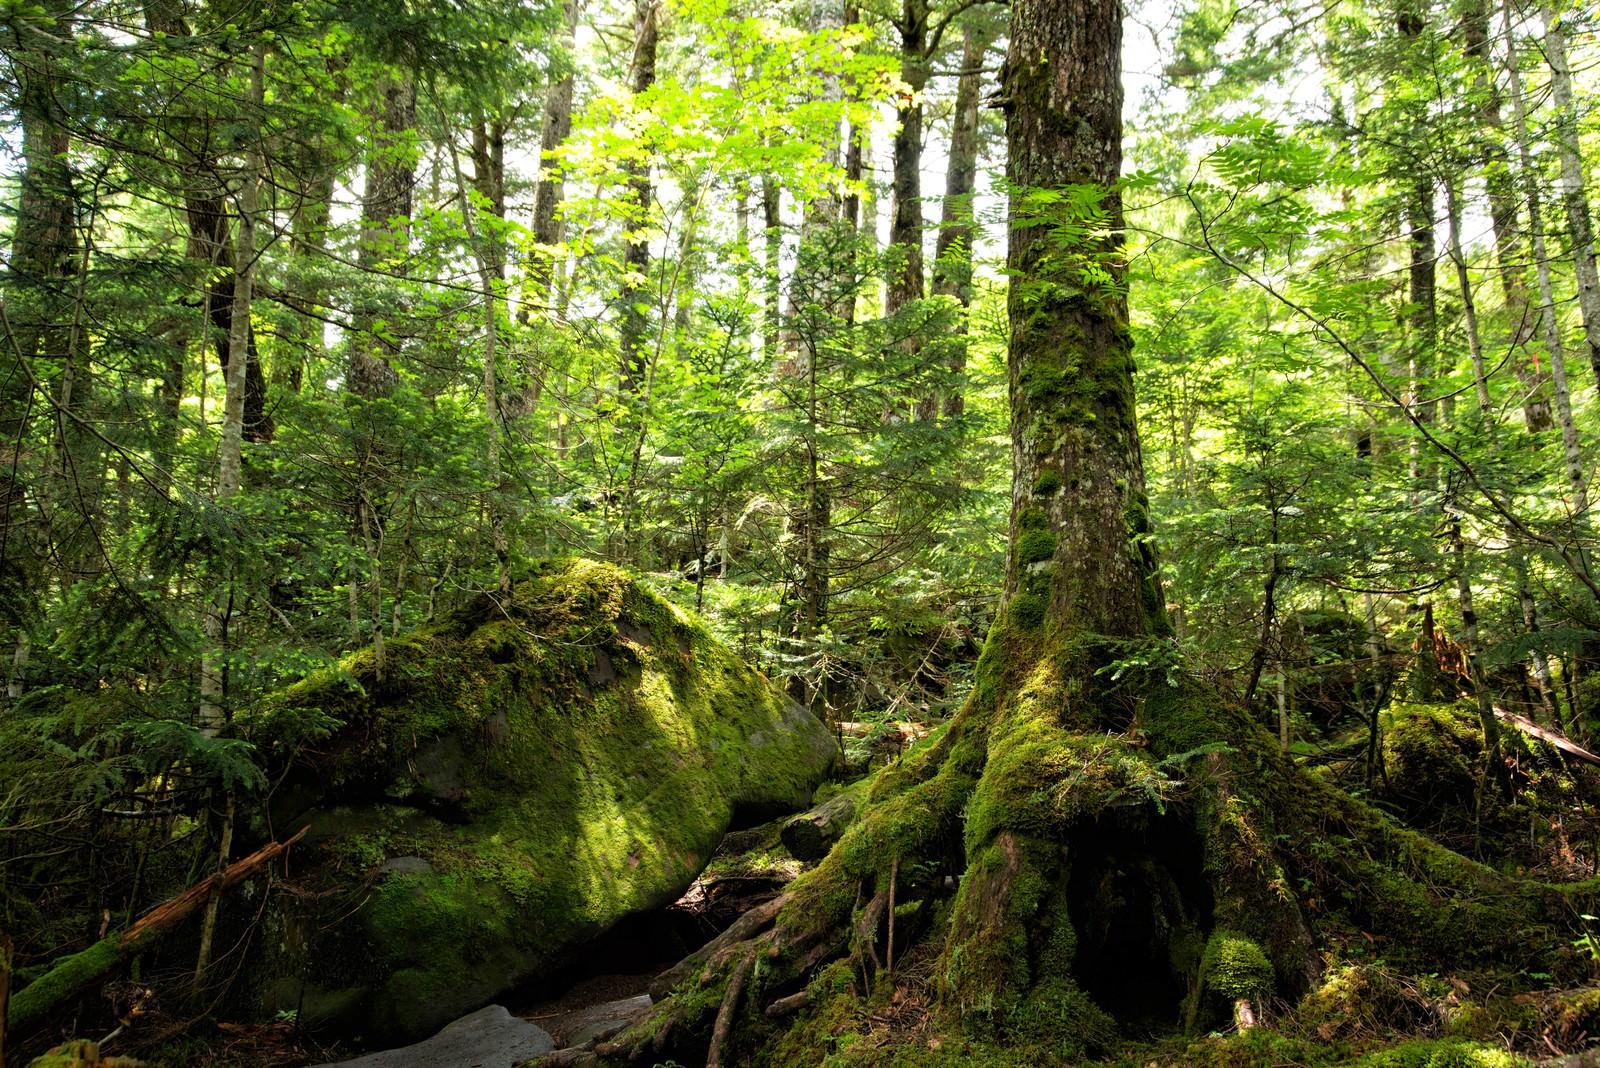 「苔に覆われた北八ヶ岳の森に差し込む光(八ヶ岳連峰)」の写真